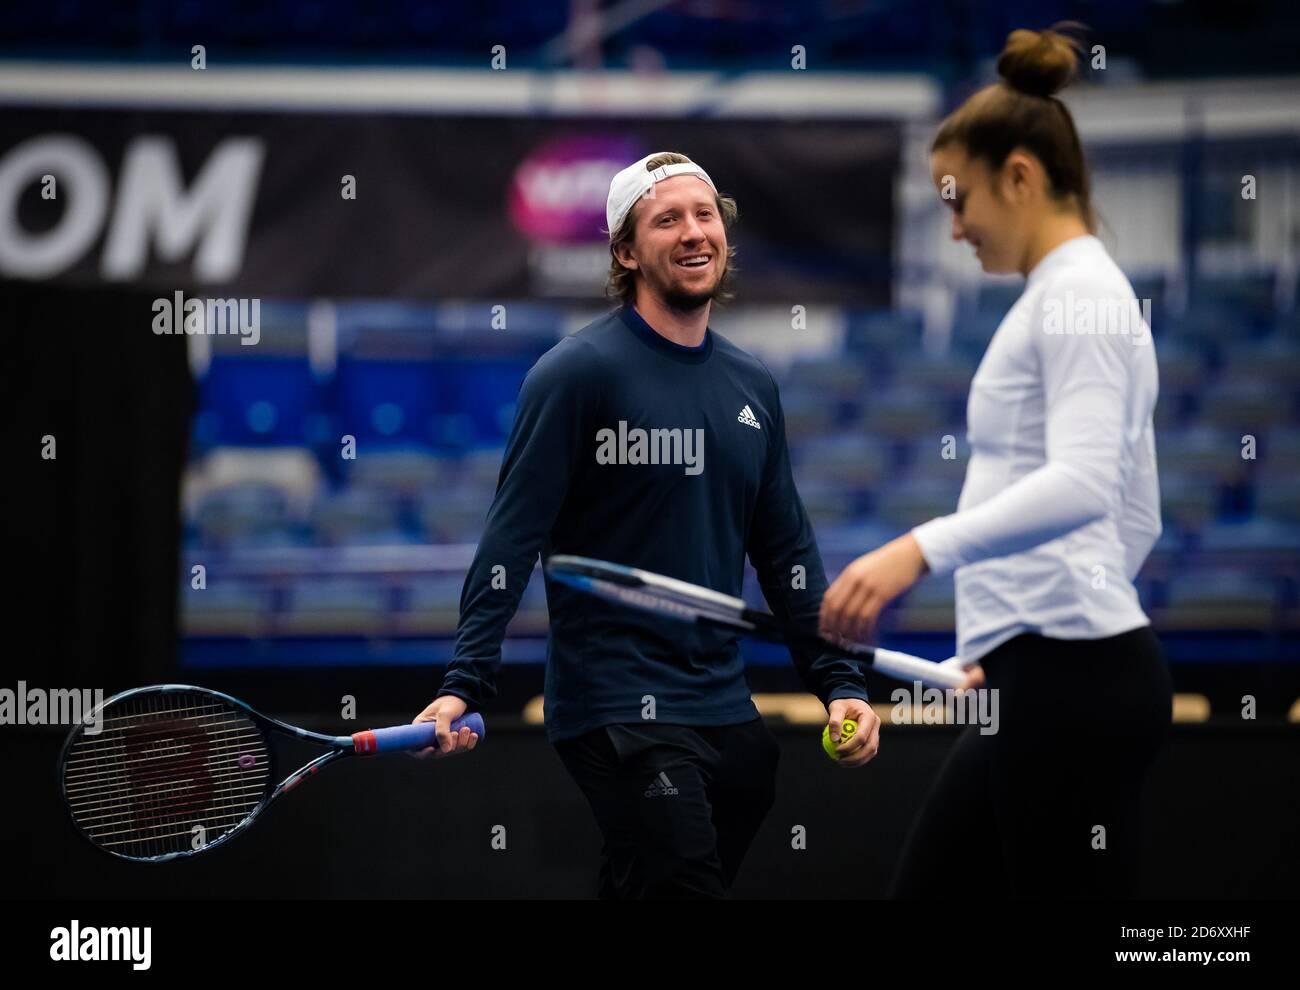 om Hill durante la pratica con Maria Sakkari al torneo di tennis 2020 J&T Banka Ostrava Open WTA Premier il 17 ottobre 2020 a Ostrava, Repubblica Ceca Foto Stock